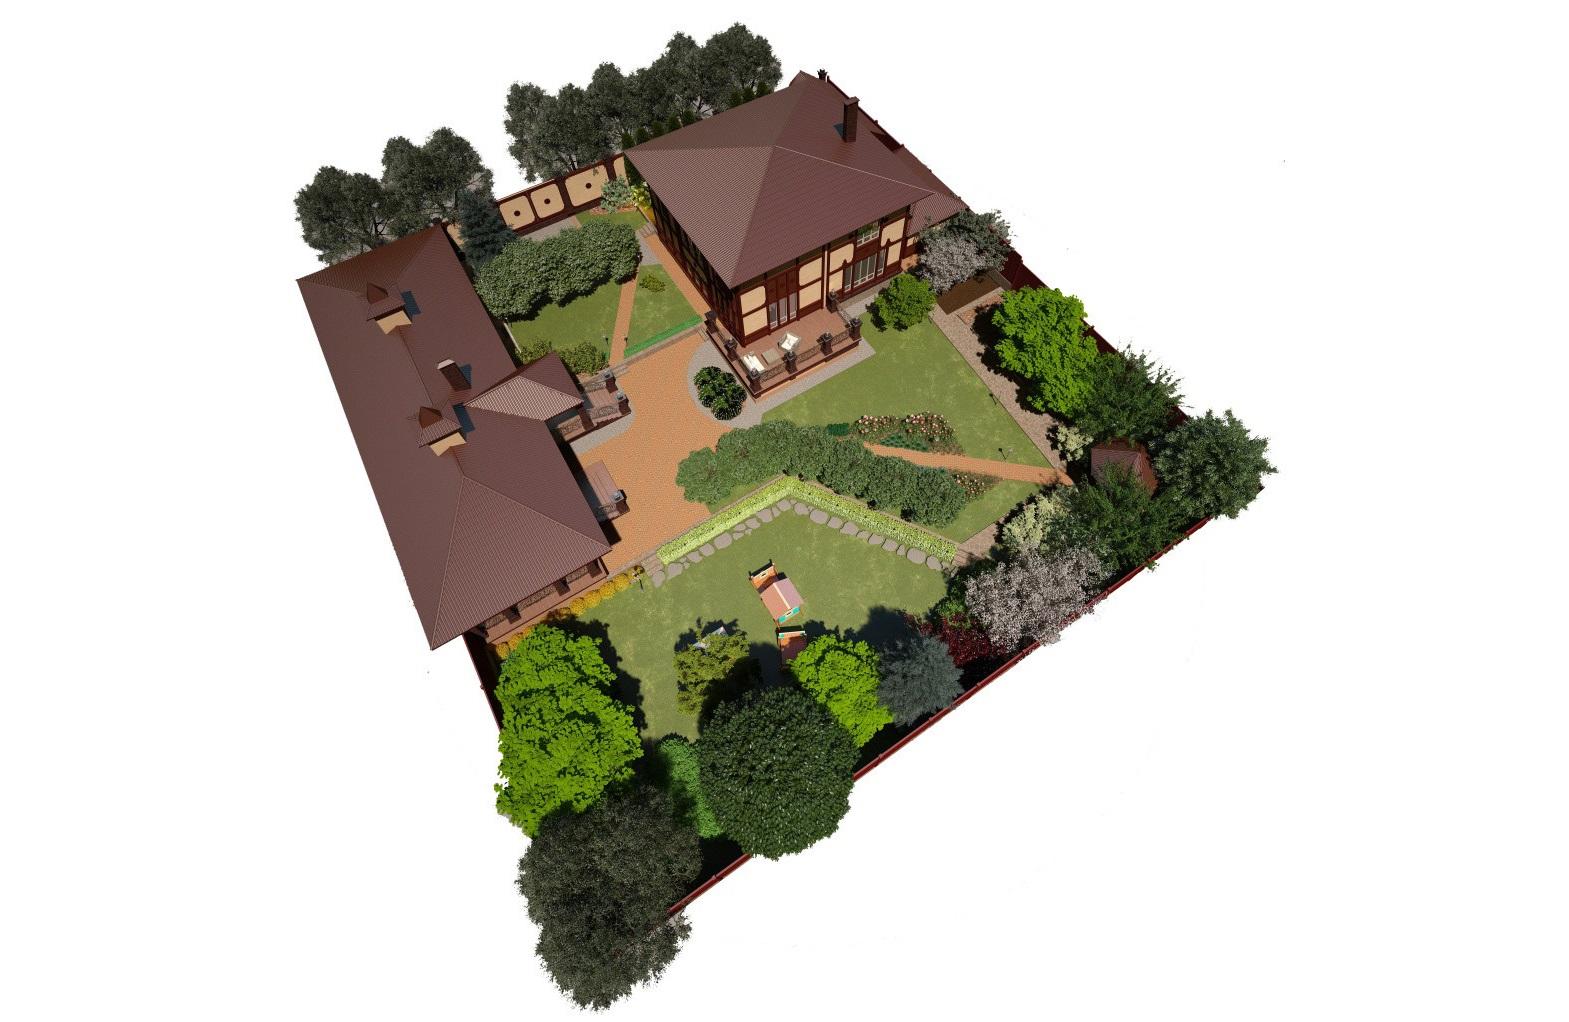 пример пояснительная записка к ландшафтному проекту